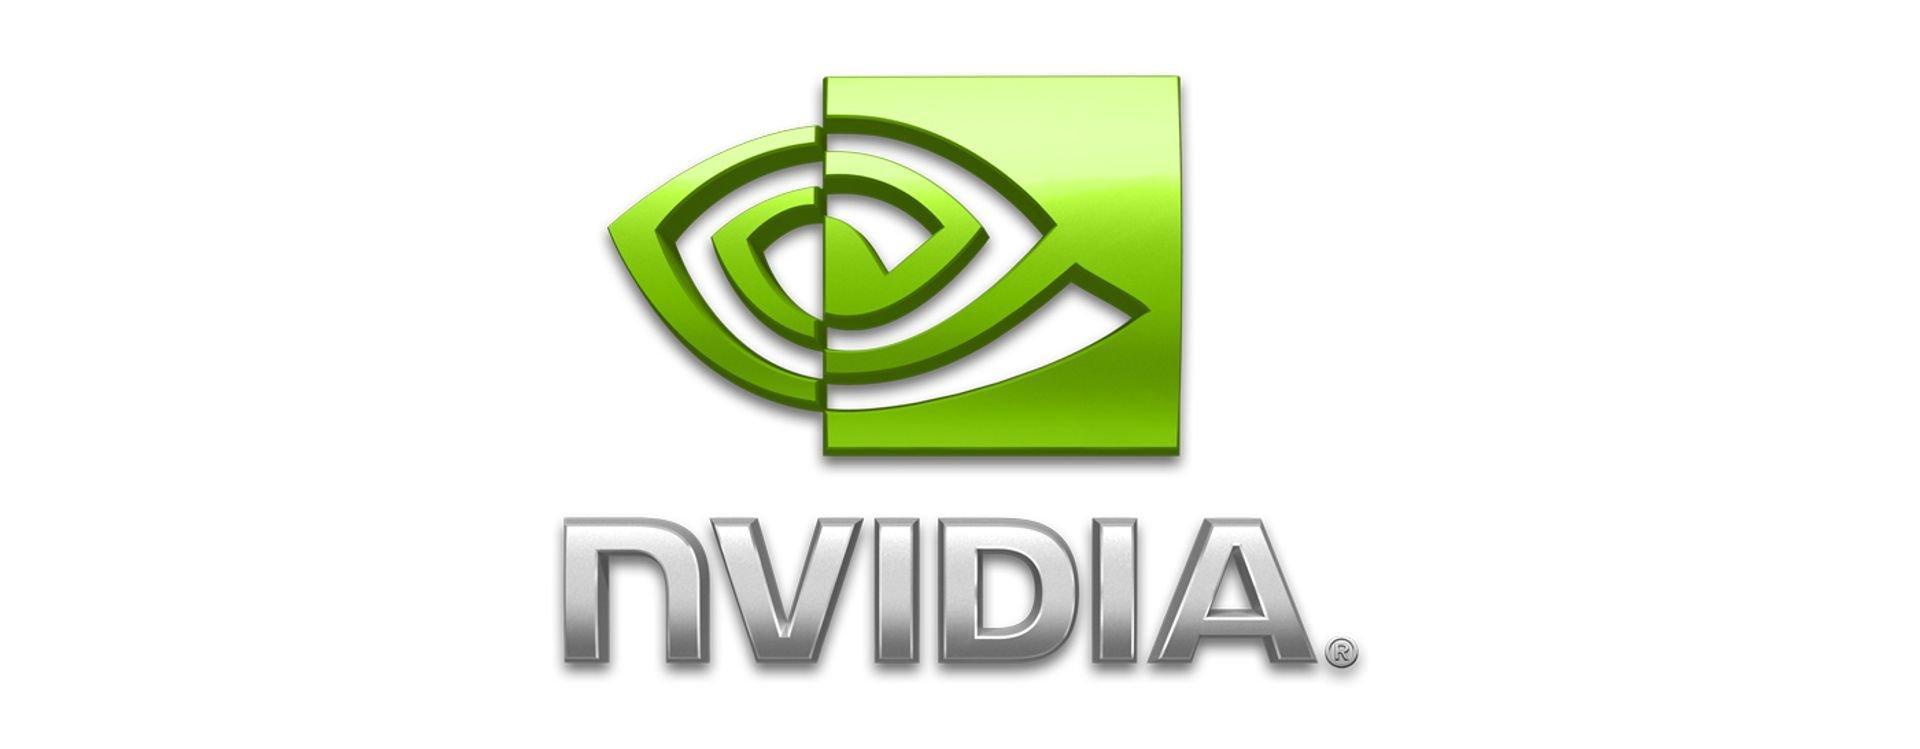 أفضل 5 أجهزة لابتوب خاصة بالألعاب تدعم بطاقات Nvidia